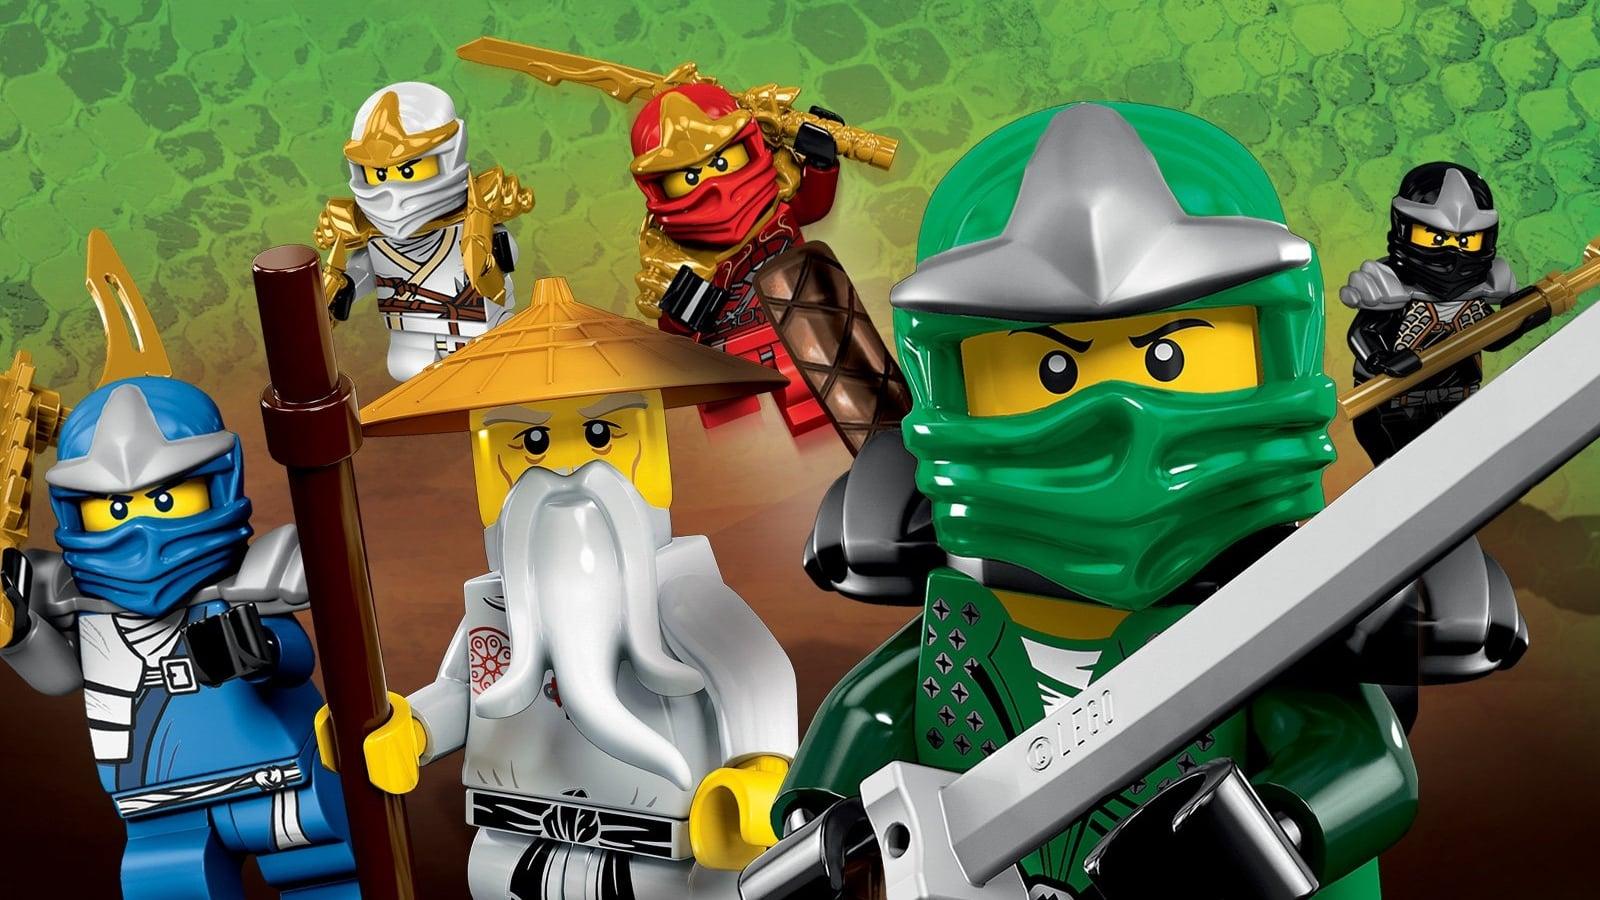 Lego ninjago masters of spinjitzu season 2 wiki - Lego ninjago ninja ...